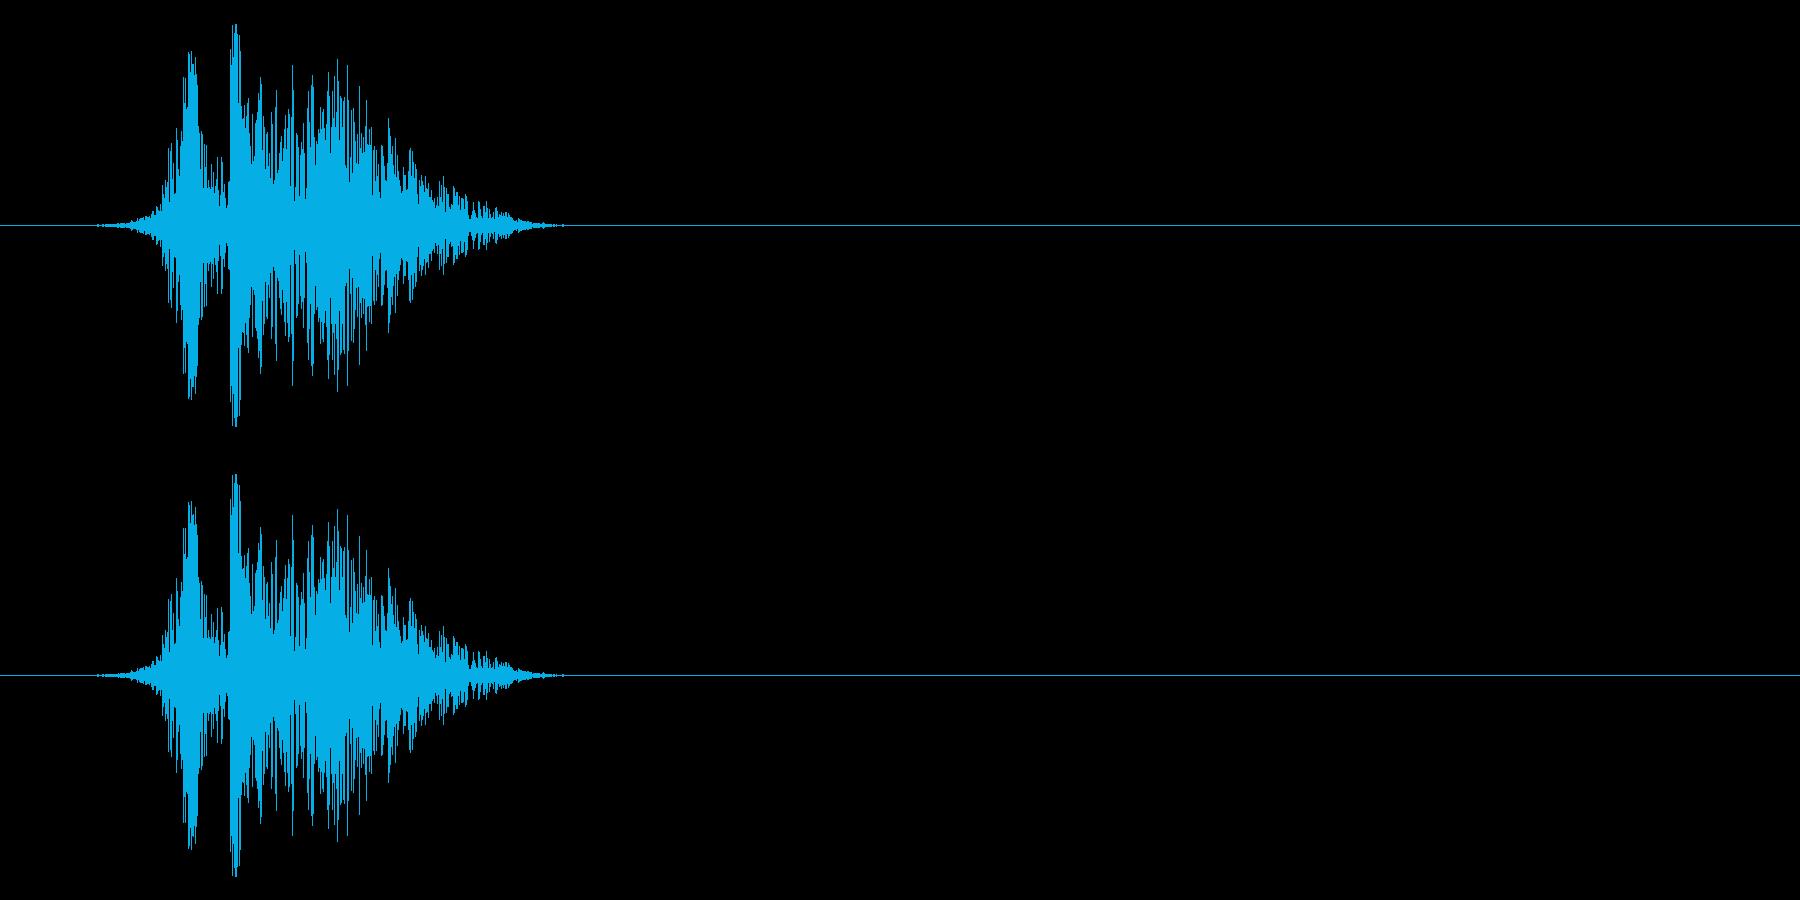 打撃09-3の再生済みの波形